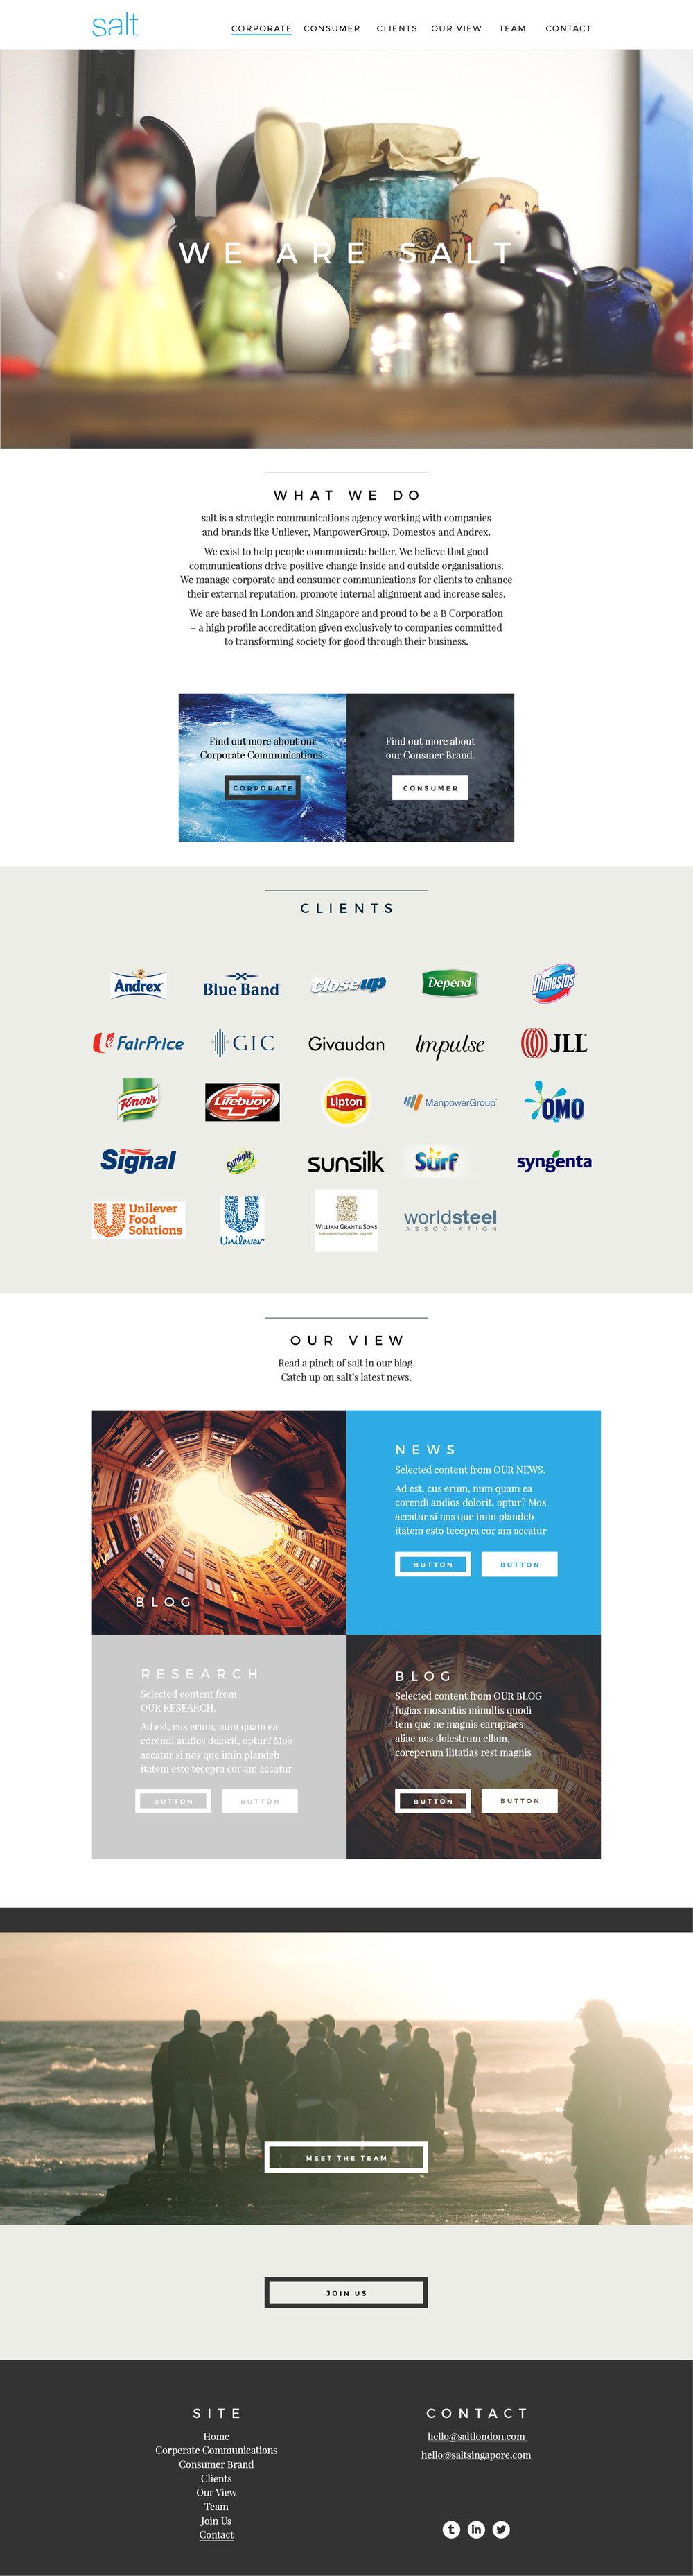 01 Salt Homepage WIP 05.jpg